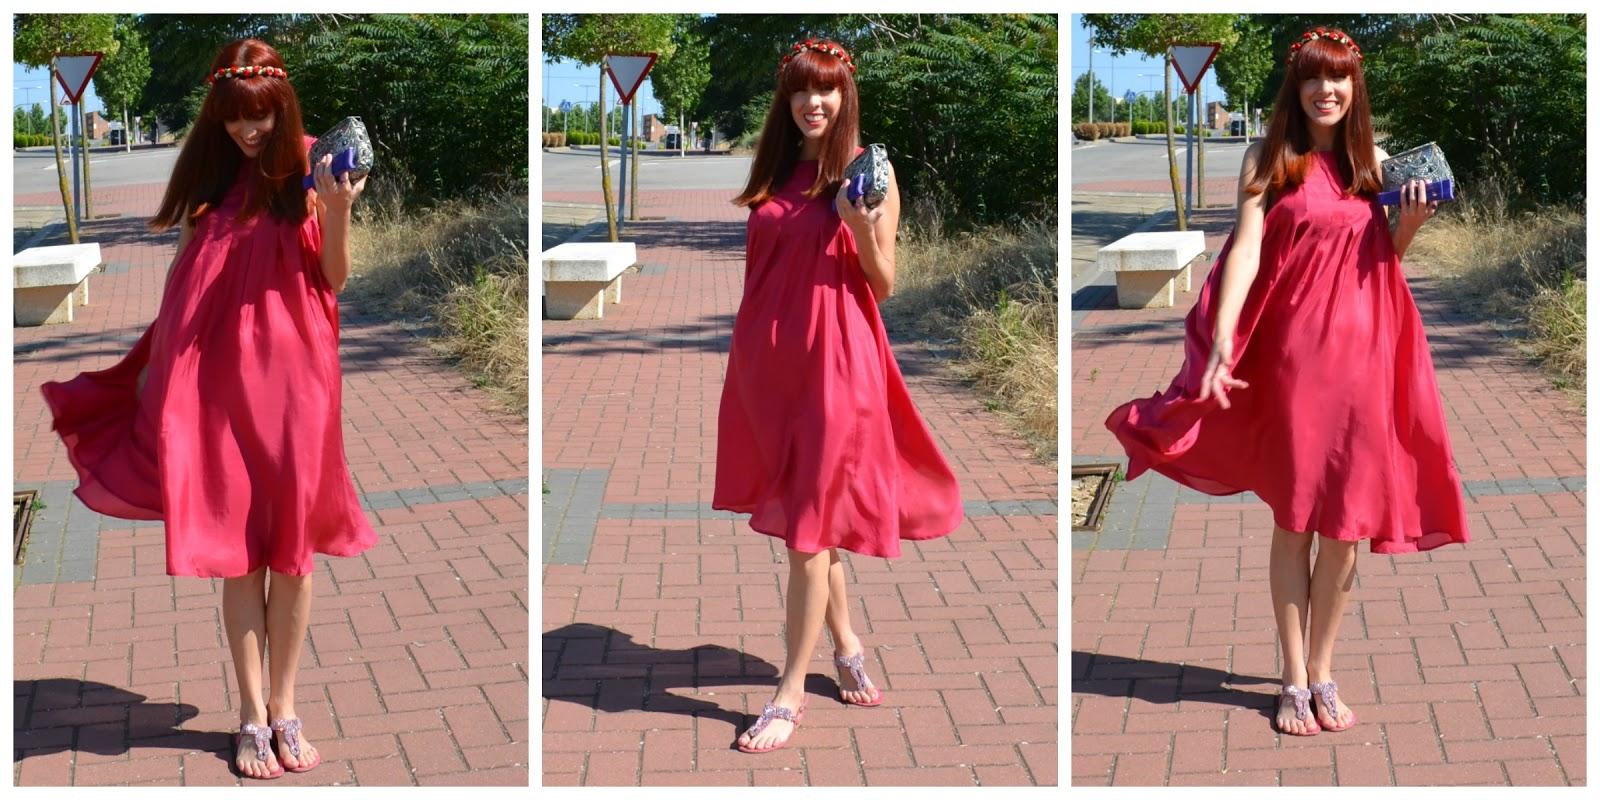 Lujoso Boda Vestido Rojo Galería - Ideas de los Estilos del Vestido ...